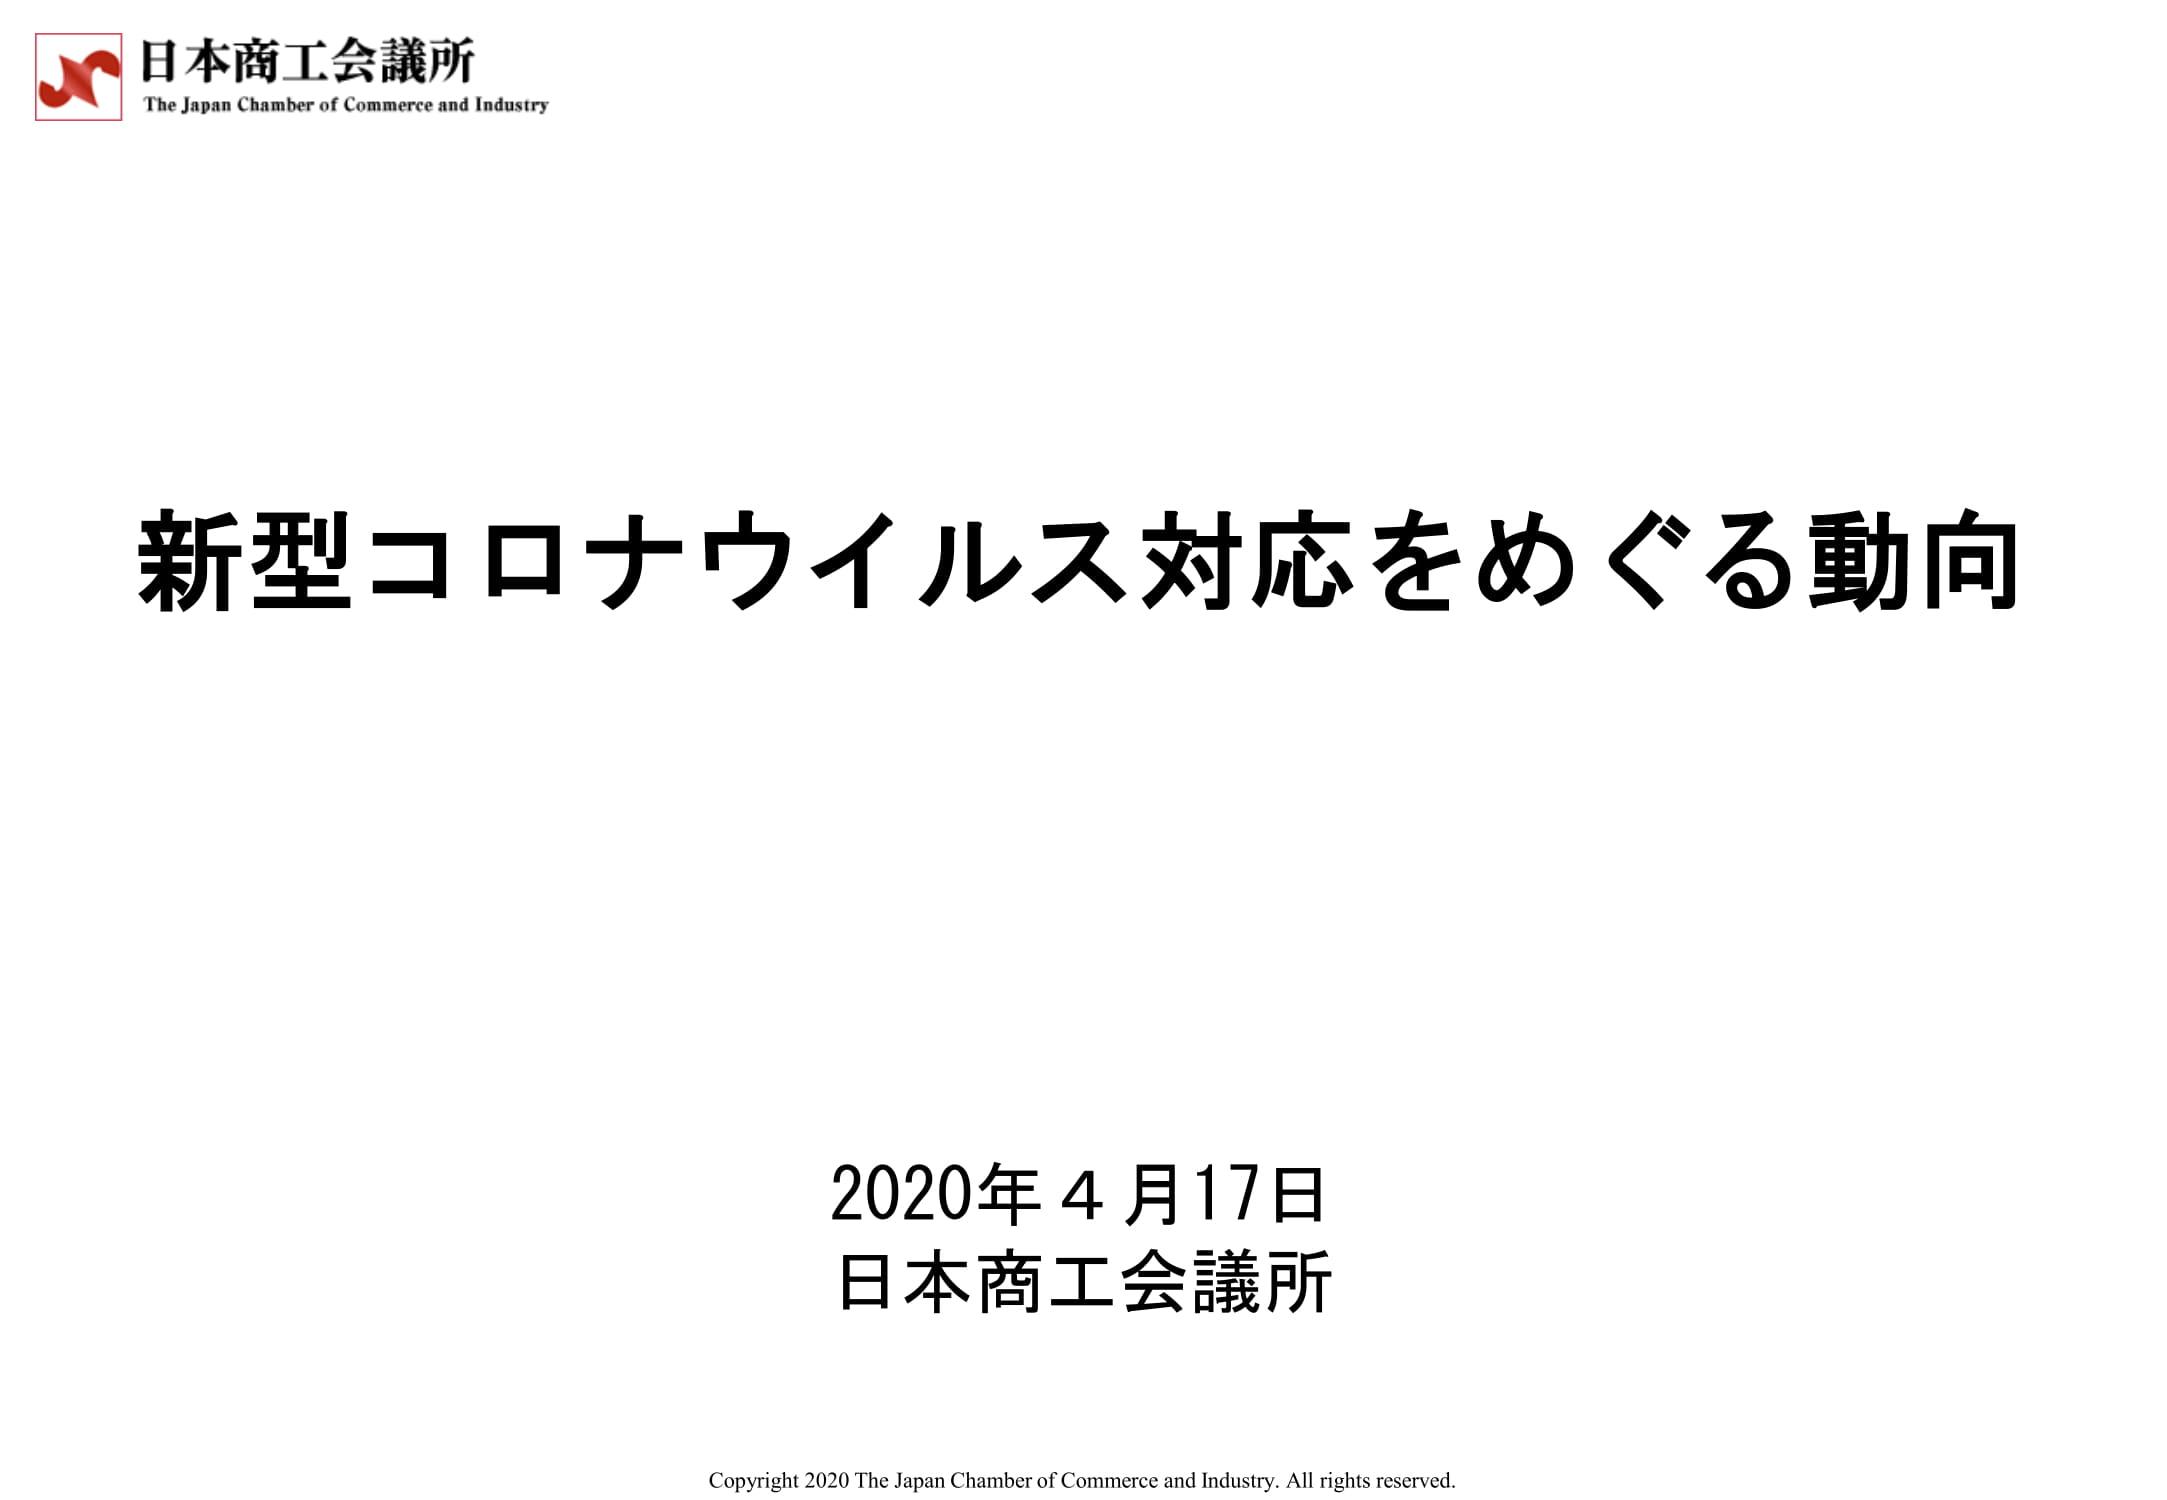 事態 日本 緊急 宣言 内容